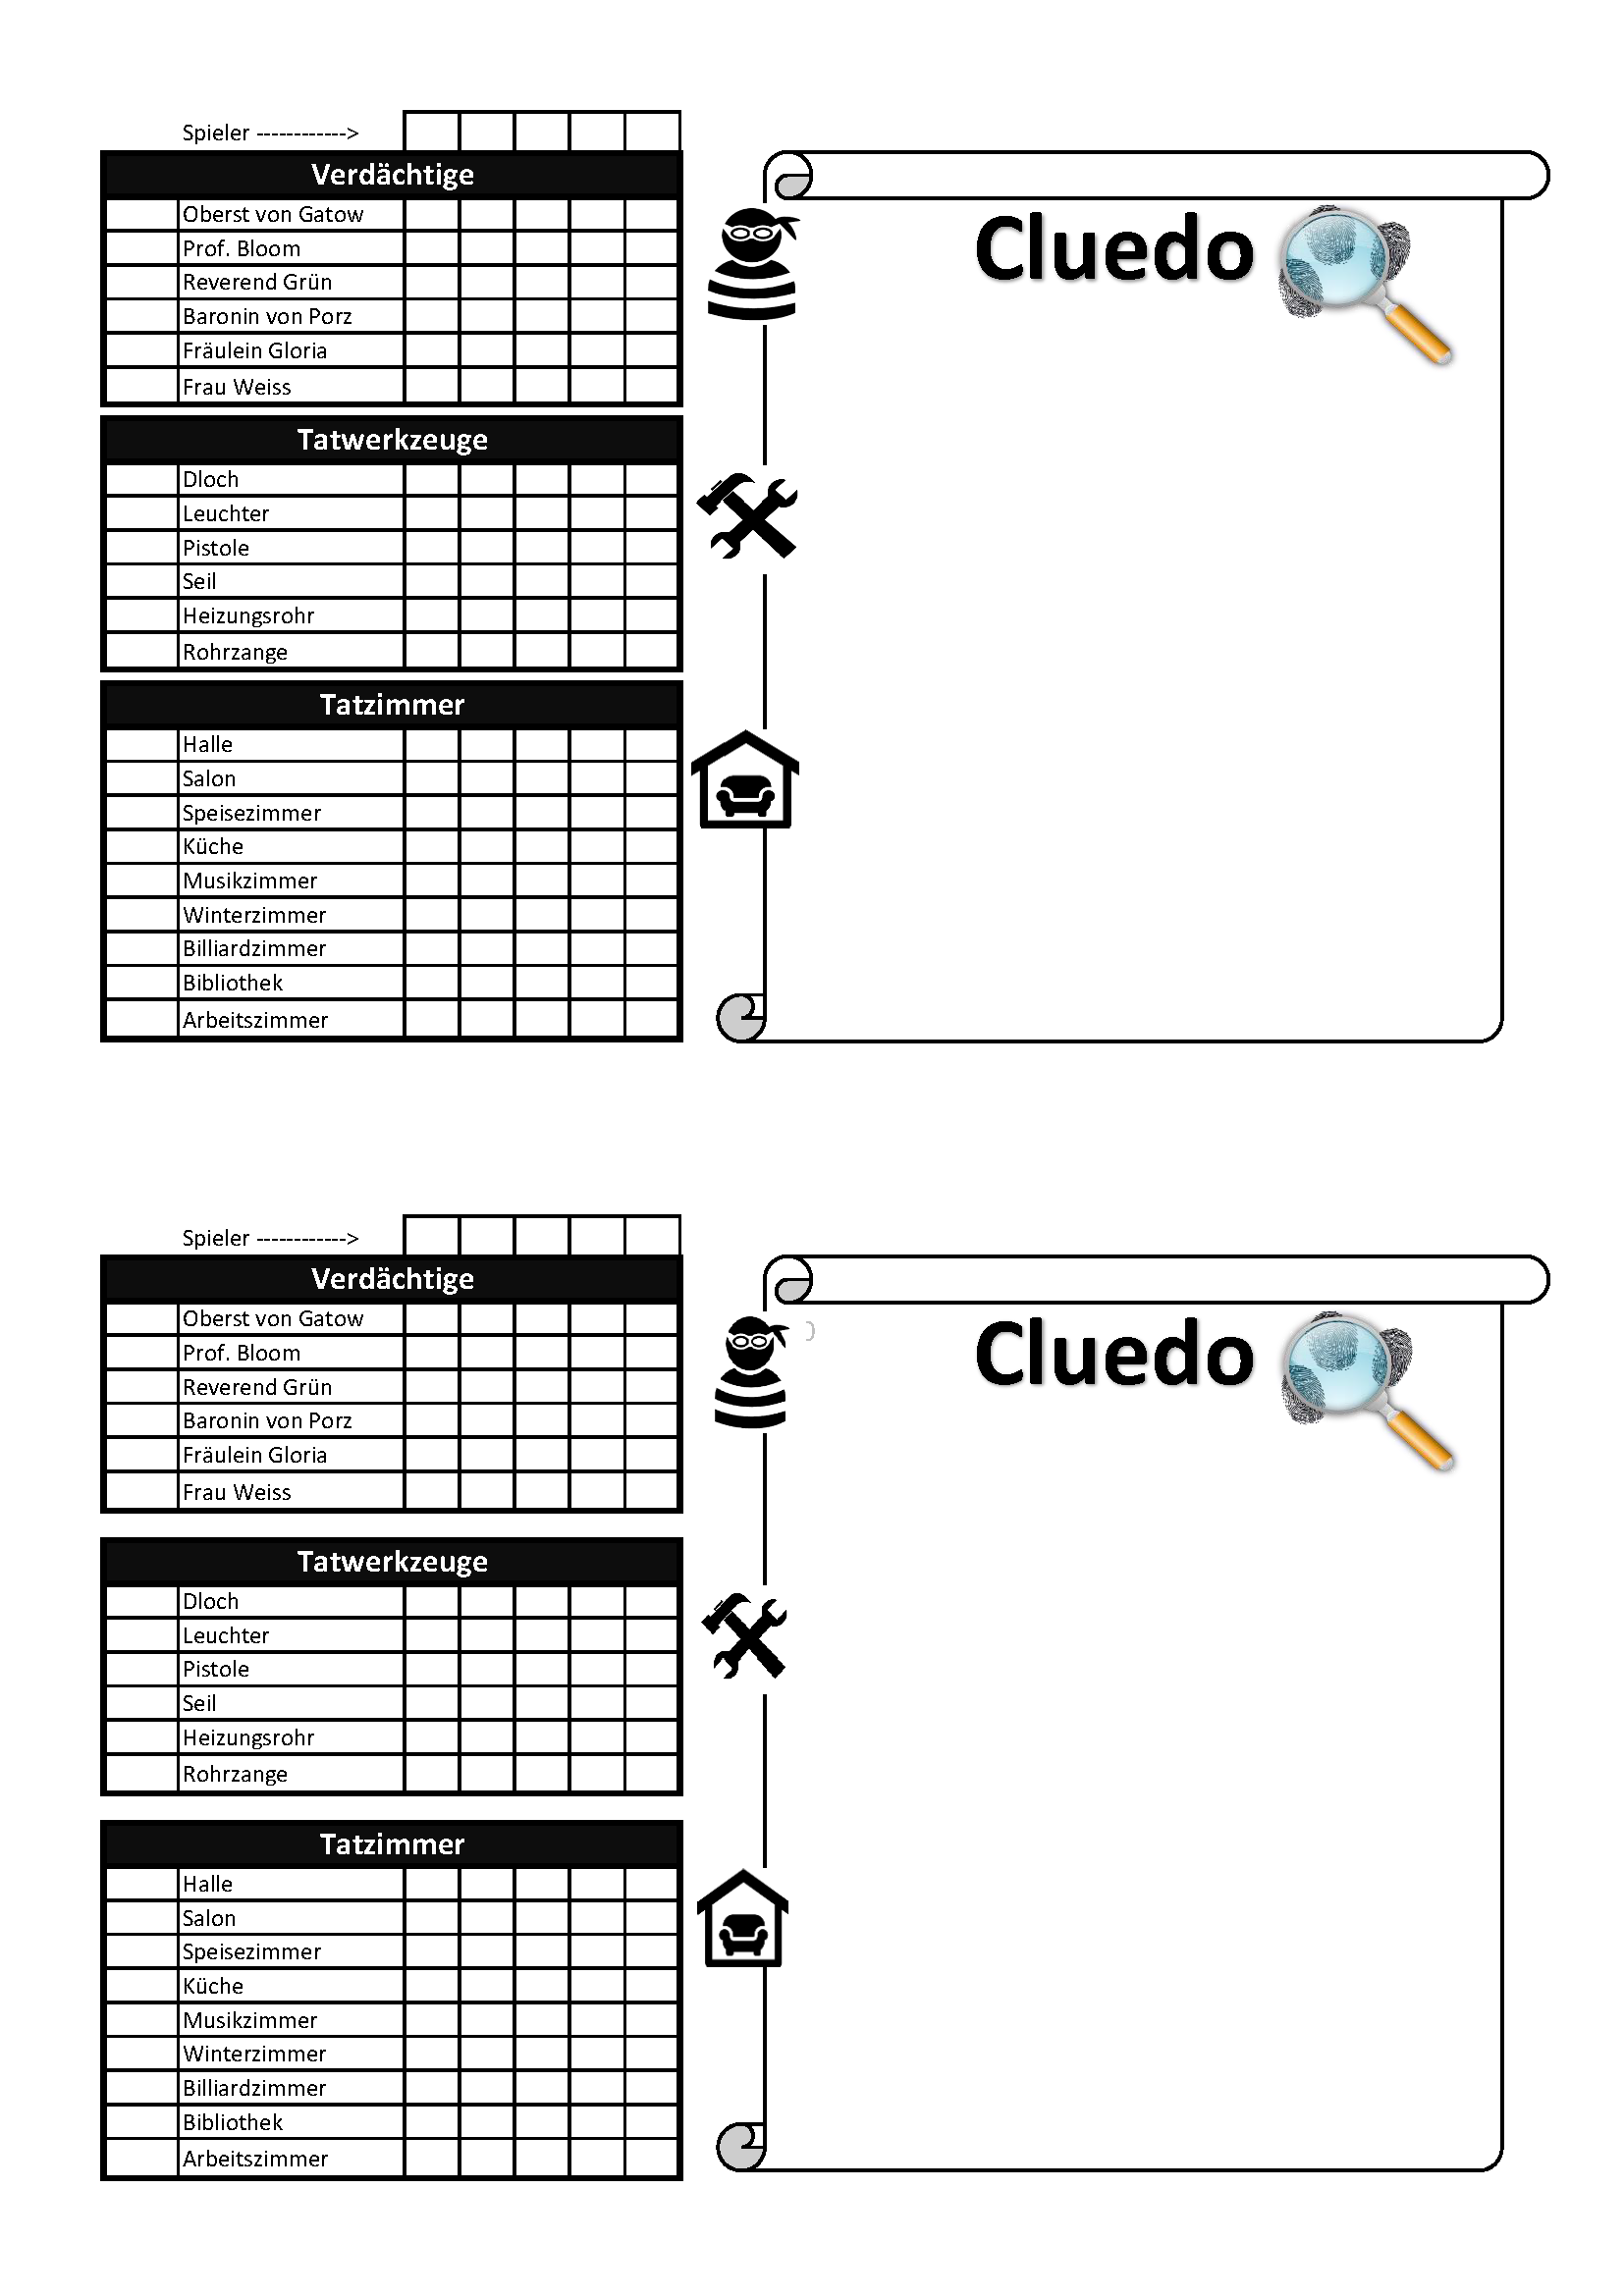 Das Ist Einen Vorlag Fur Cluedo Spiel Zum Ausdrucken Viel